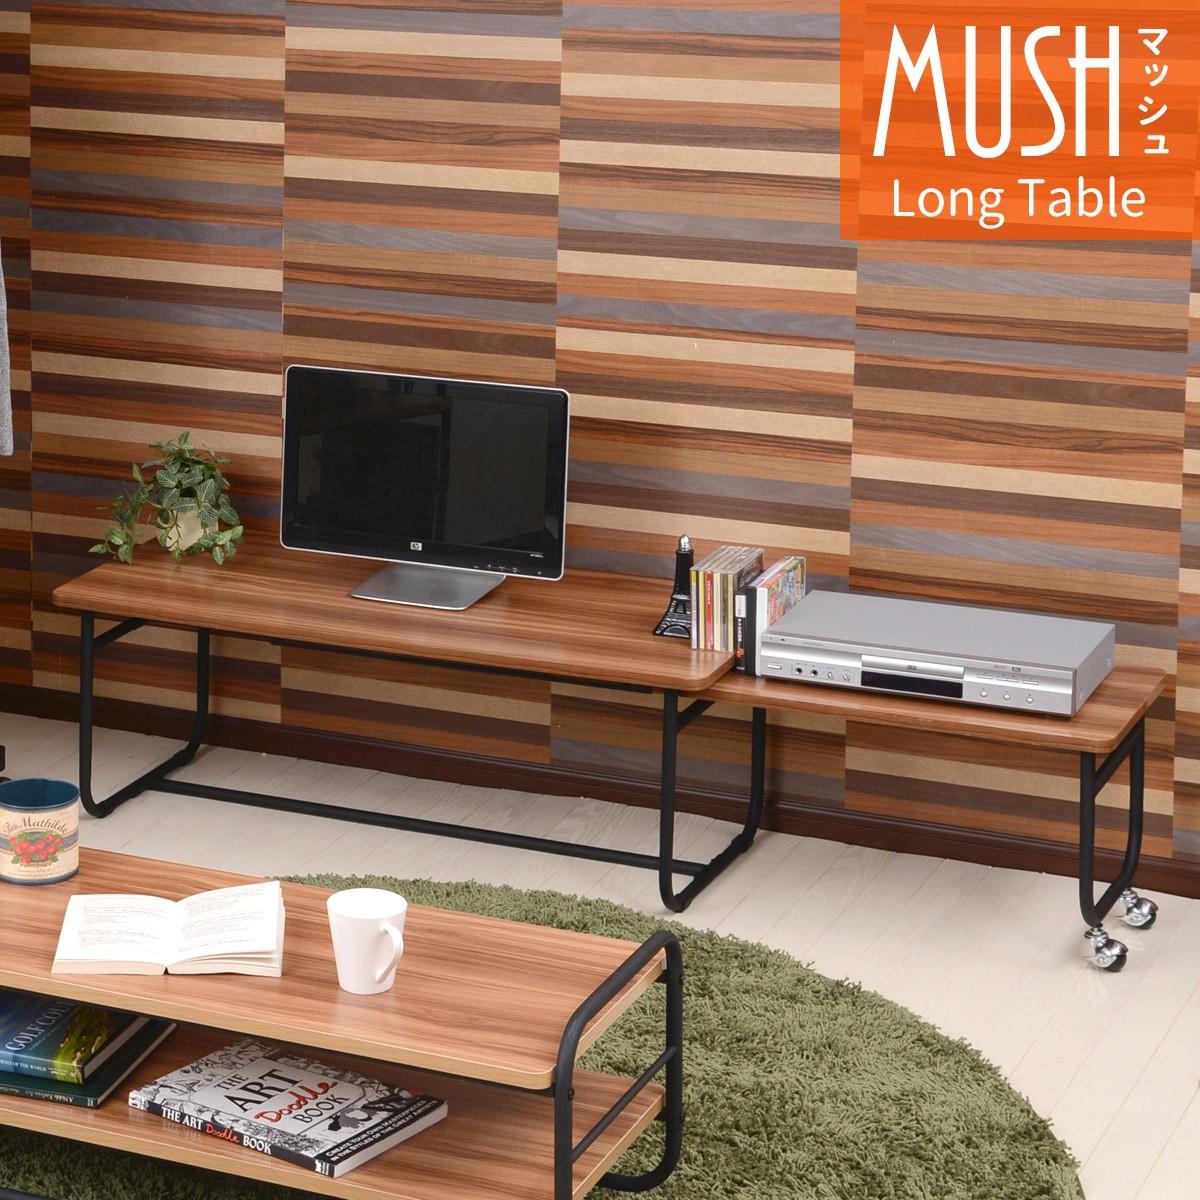 送料無料 MUSH(マッシュ)エクステンションテーブル【MUET-105】 伸縮テーブル リビングテーブル アイアン パイプ デザイン ブラウン ナチュラル おしゃれ テーブル 伸縮ローテーブル センターテーブル リビングテーブル